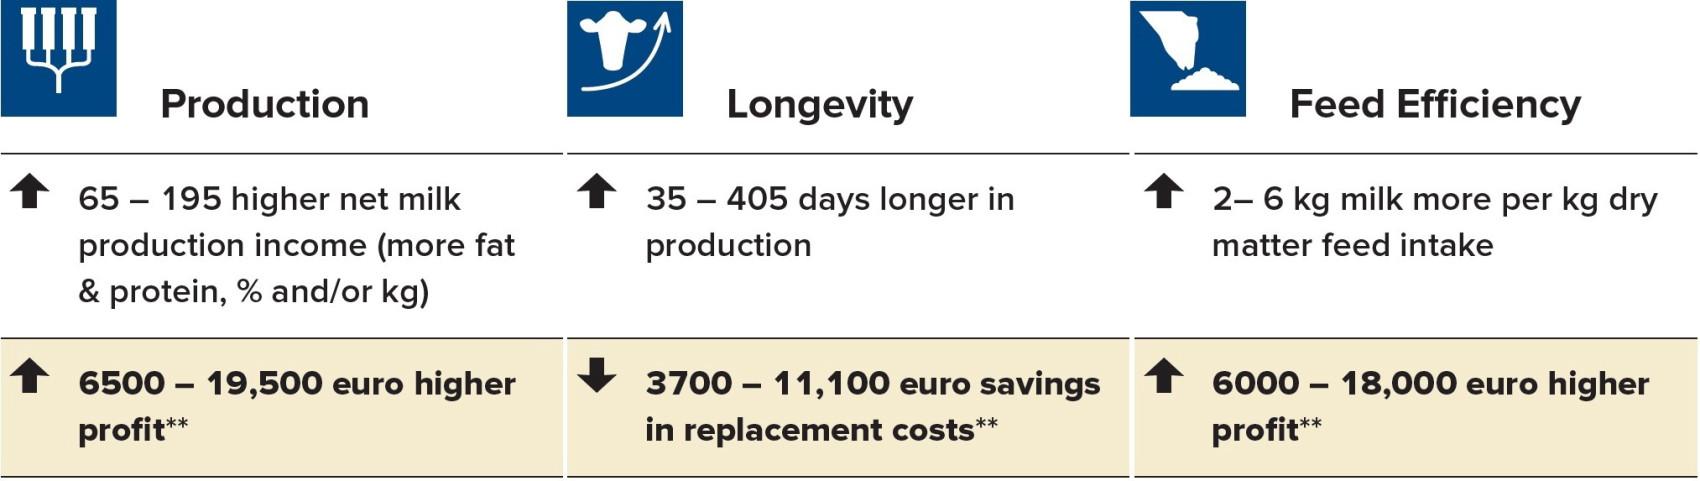 CRv Efficiency